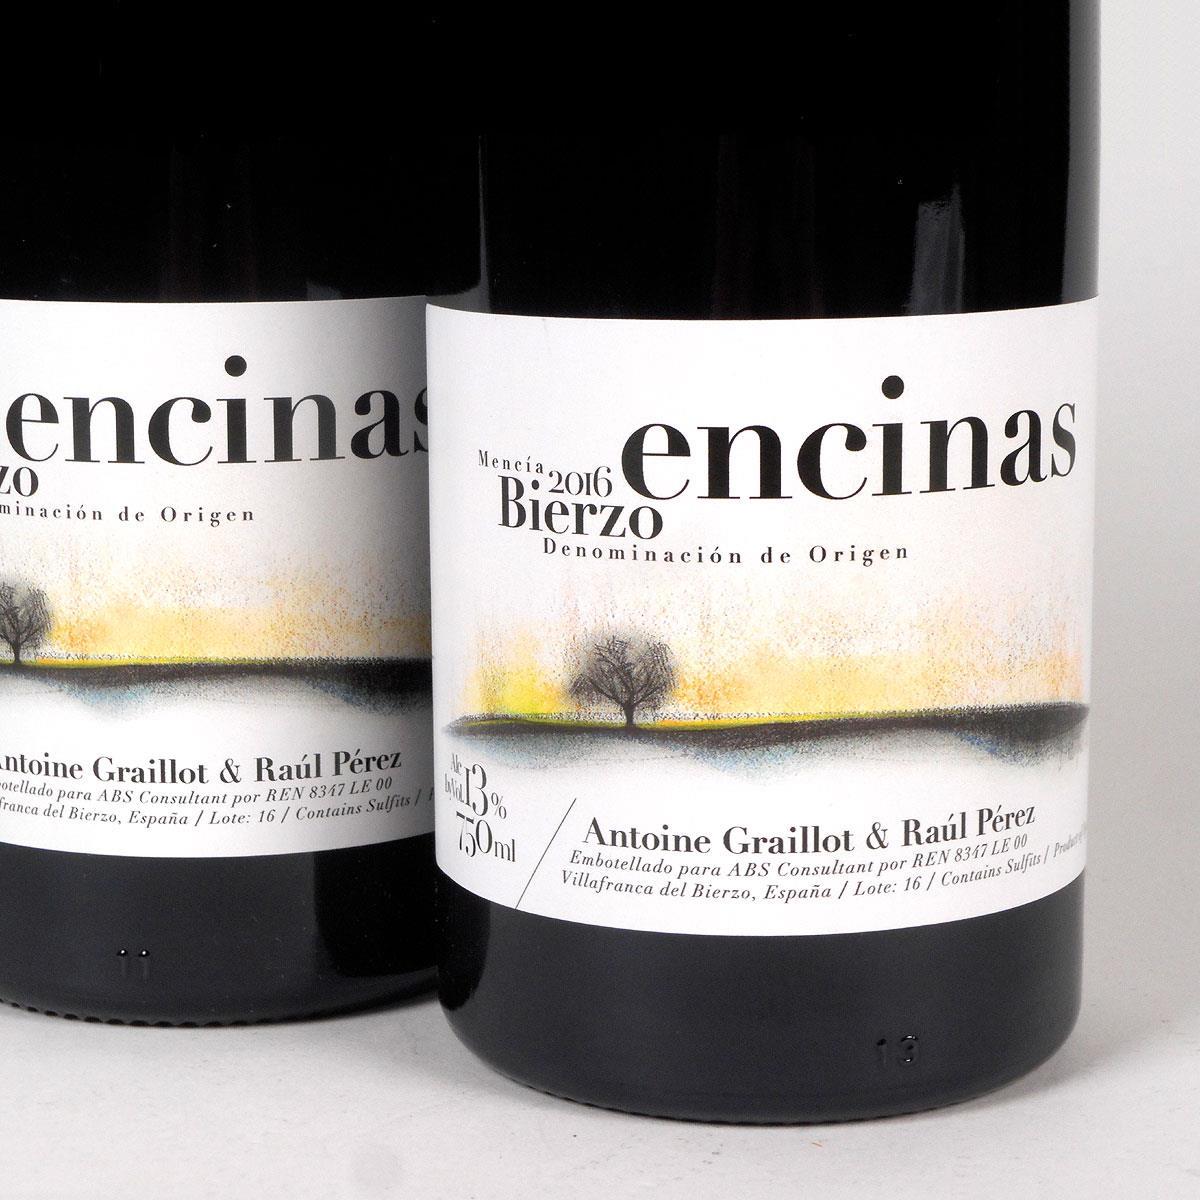 Bierzo: Antoine Graillot & Raúl Pérez 'Encinas' 2016